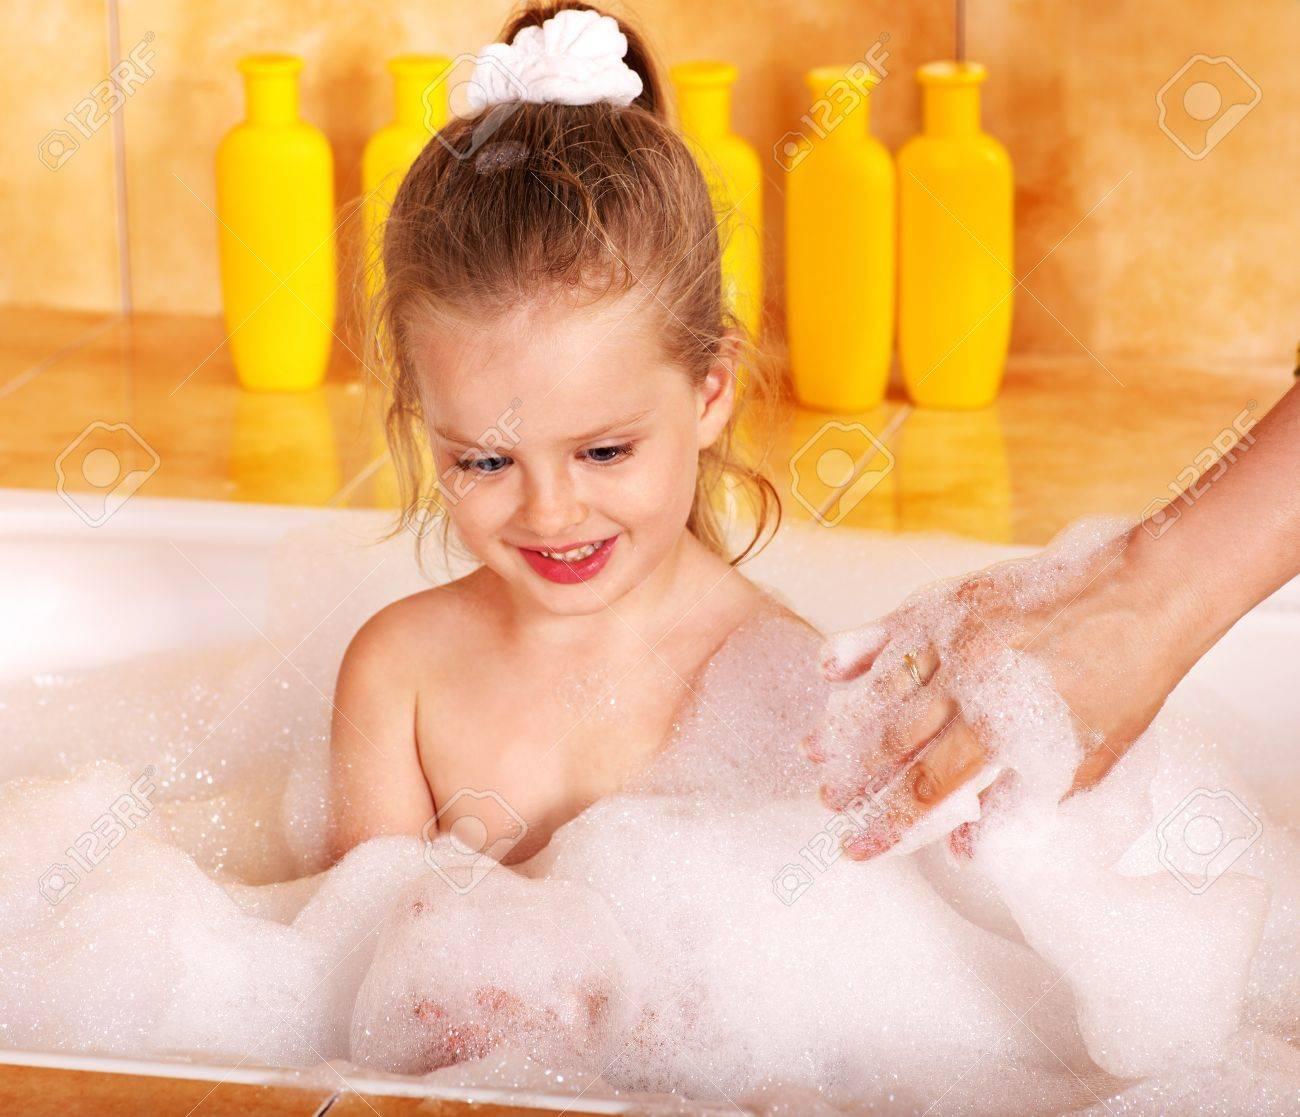 Смотреть девочки в ванной 22 фотография